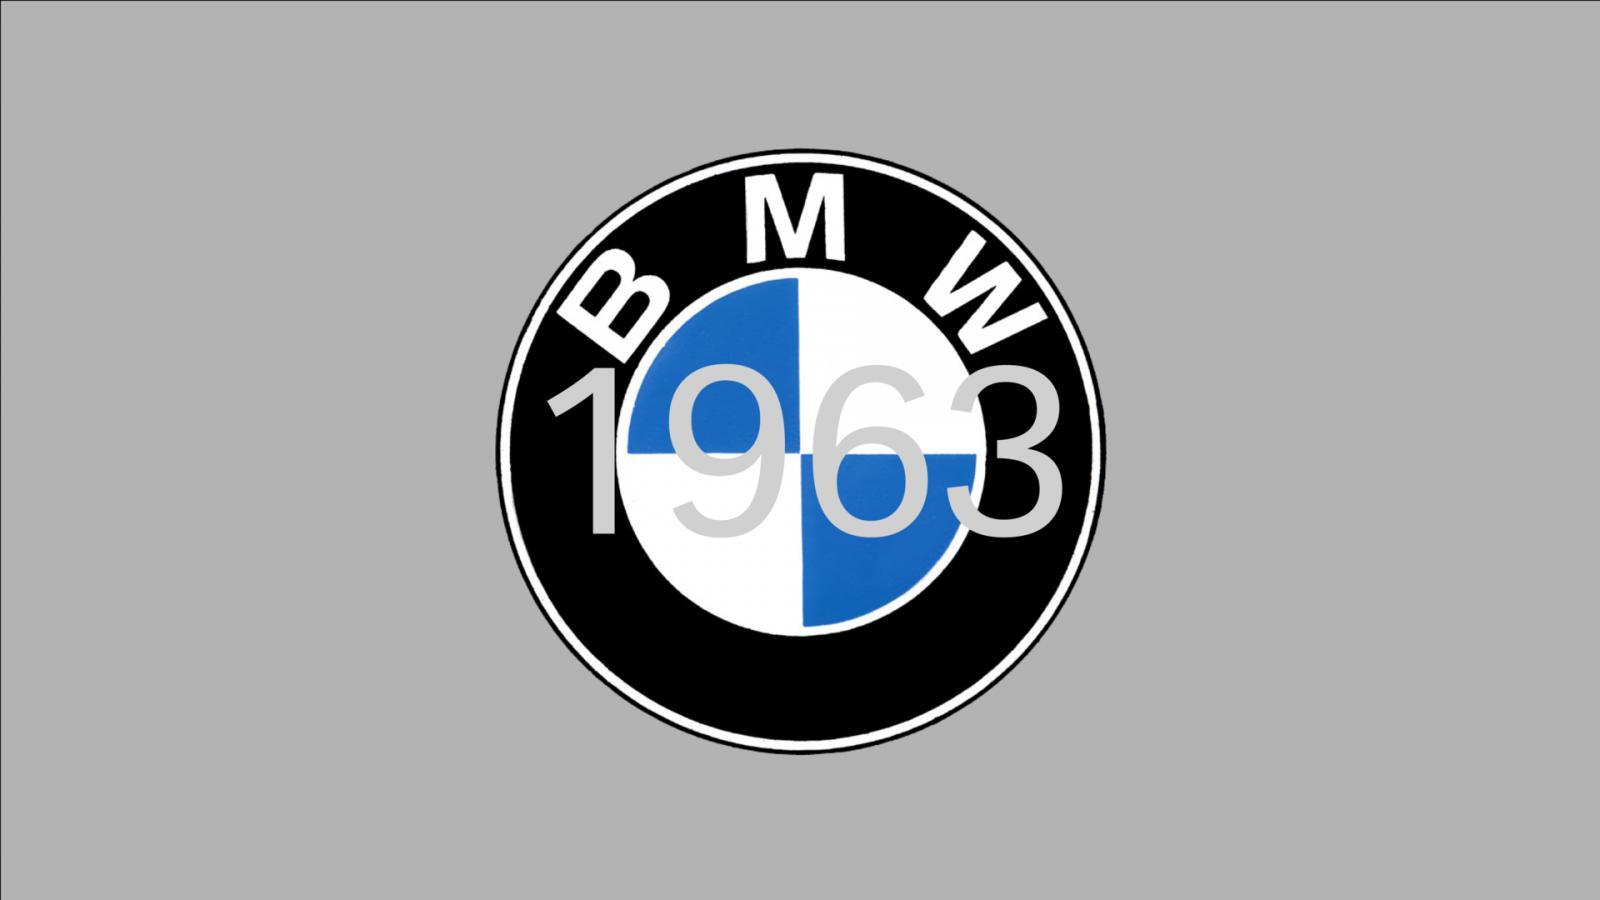 logo de BMW 1963